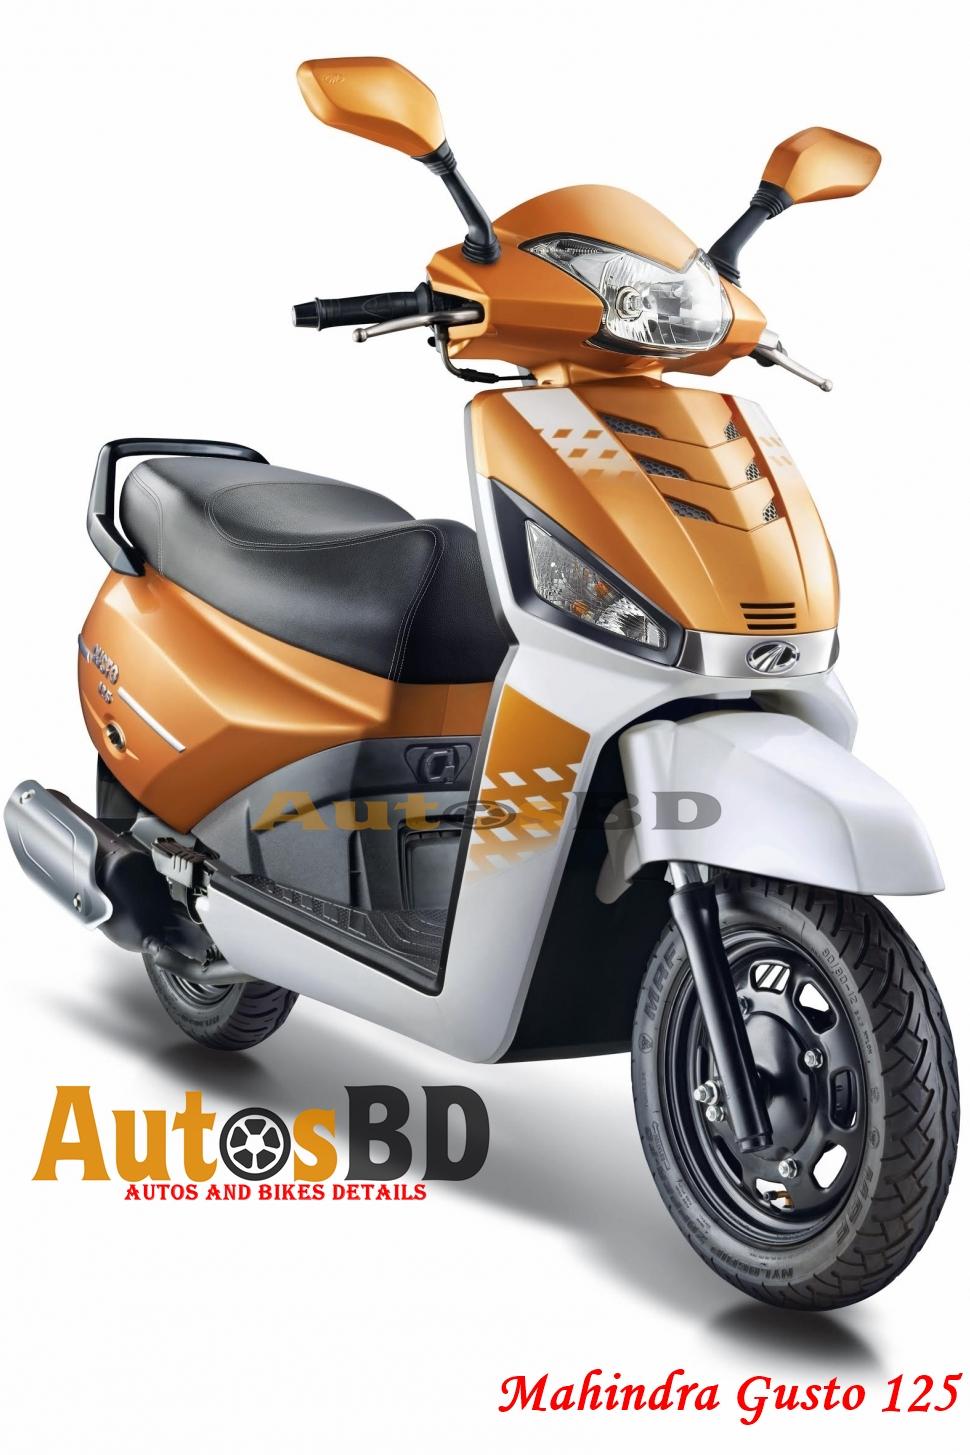 Mahindra Gusto 125 Motorcycle Price in Bangladesh